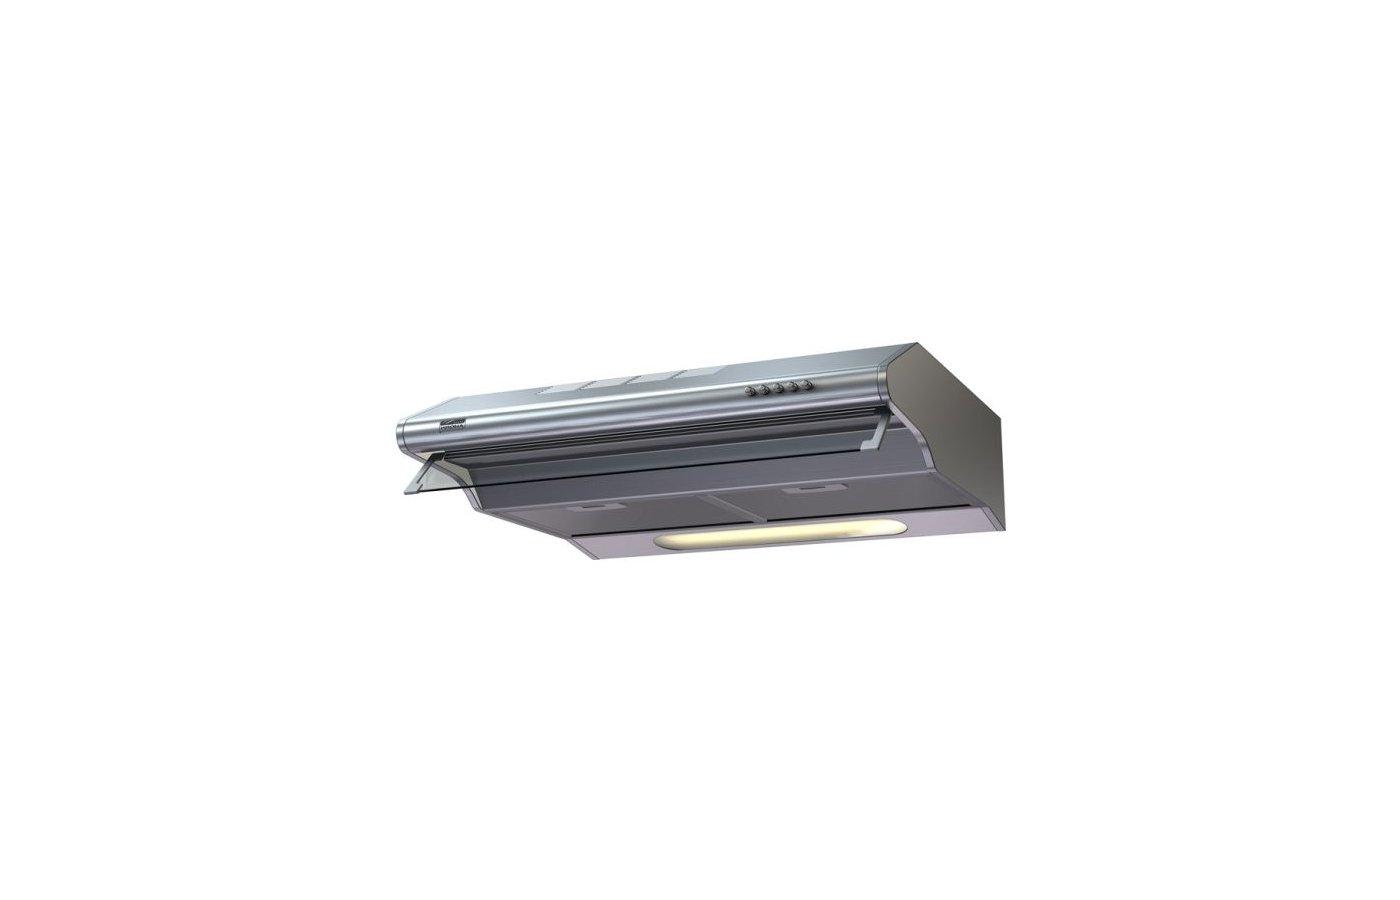 Вытяжка KRONA KELLY 500 inox 2M (фильтр в комплекте)